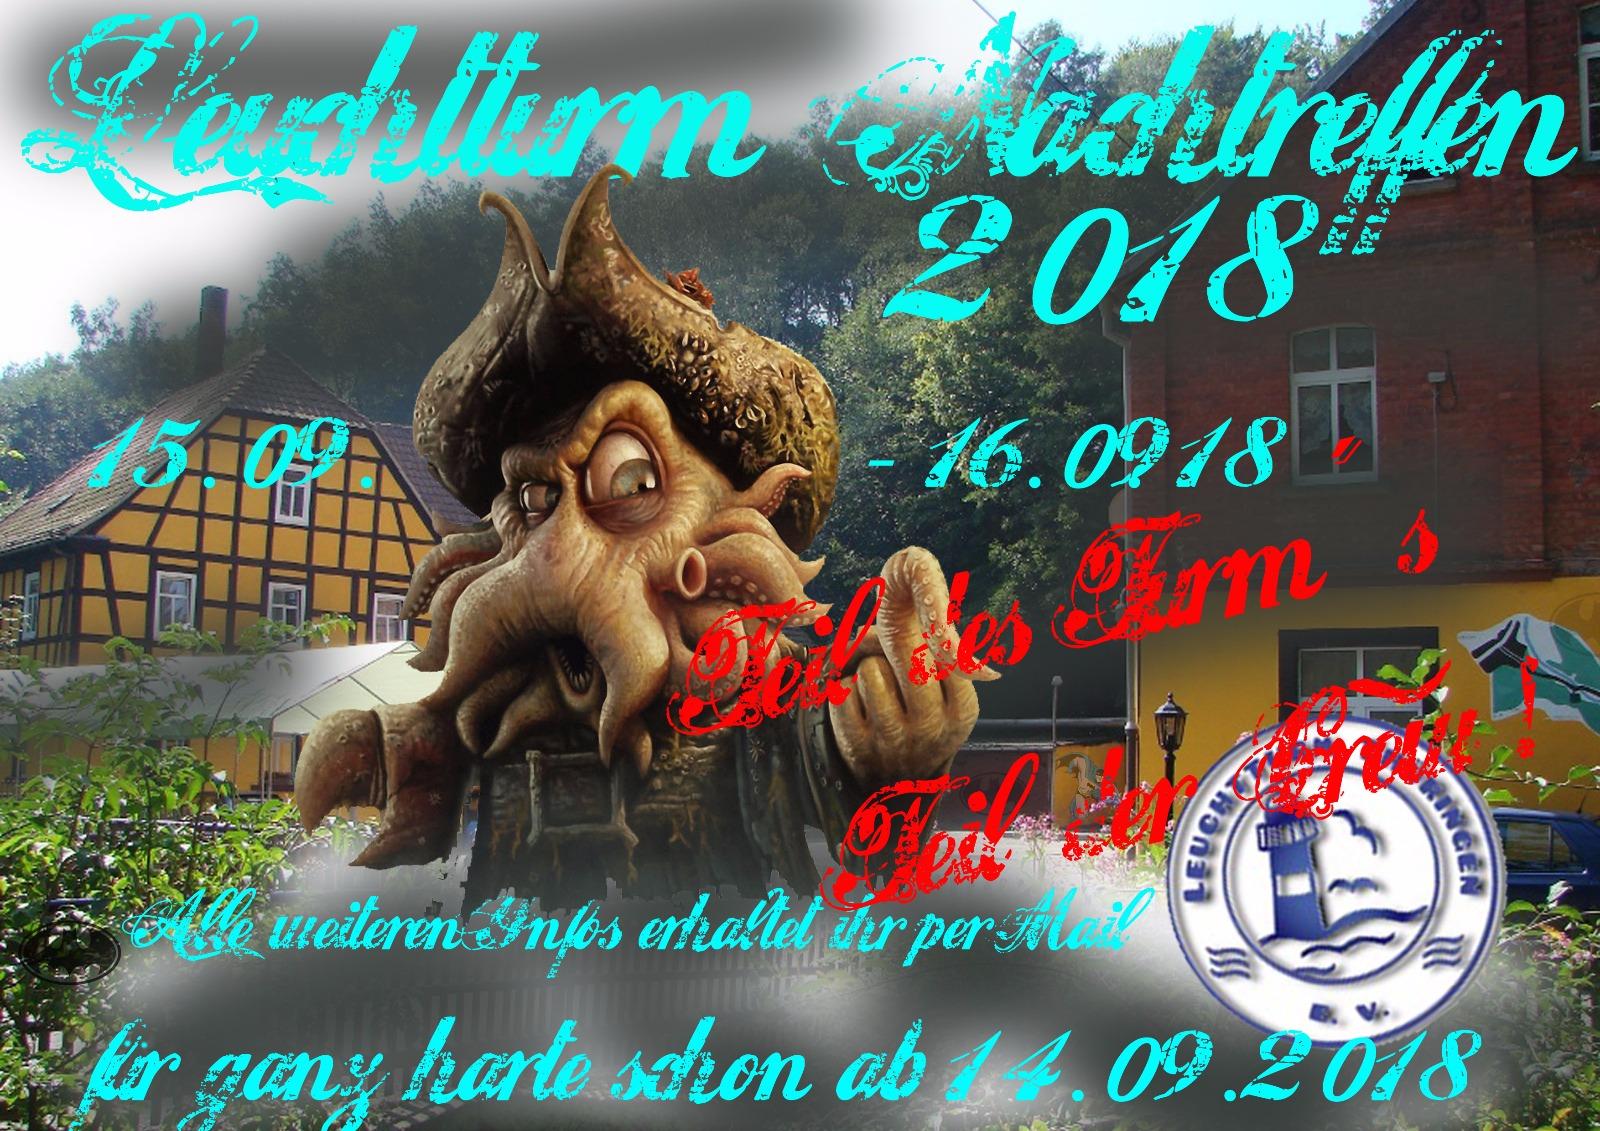 Nachtreffen 2018